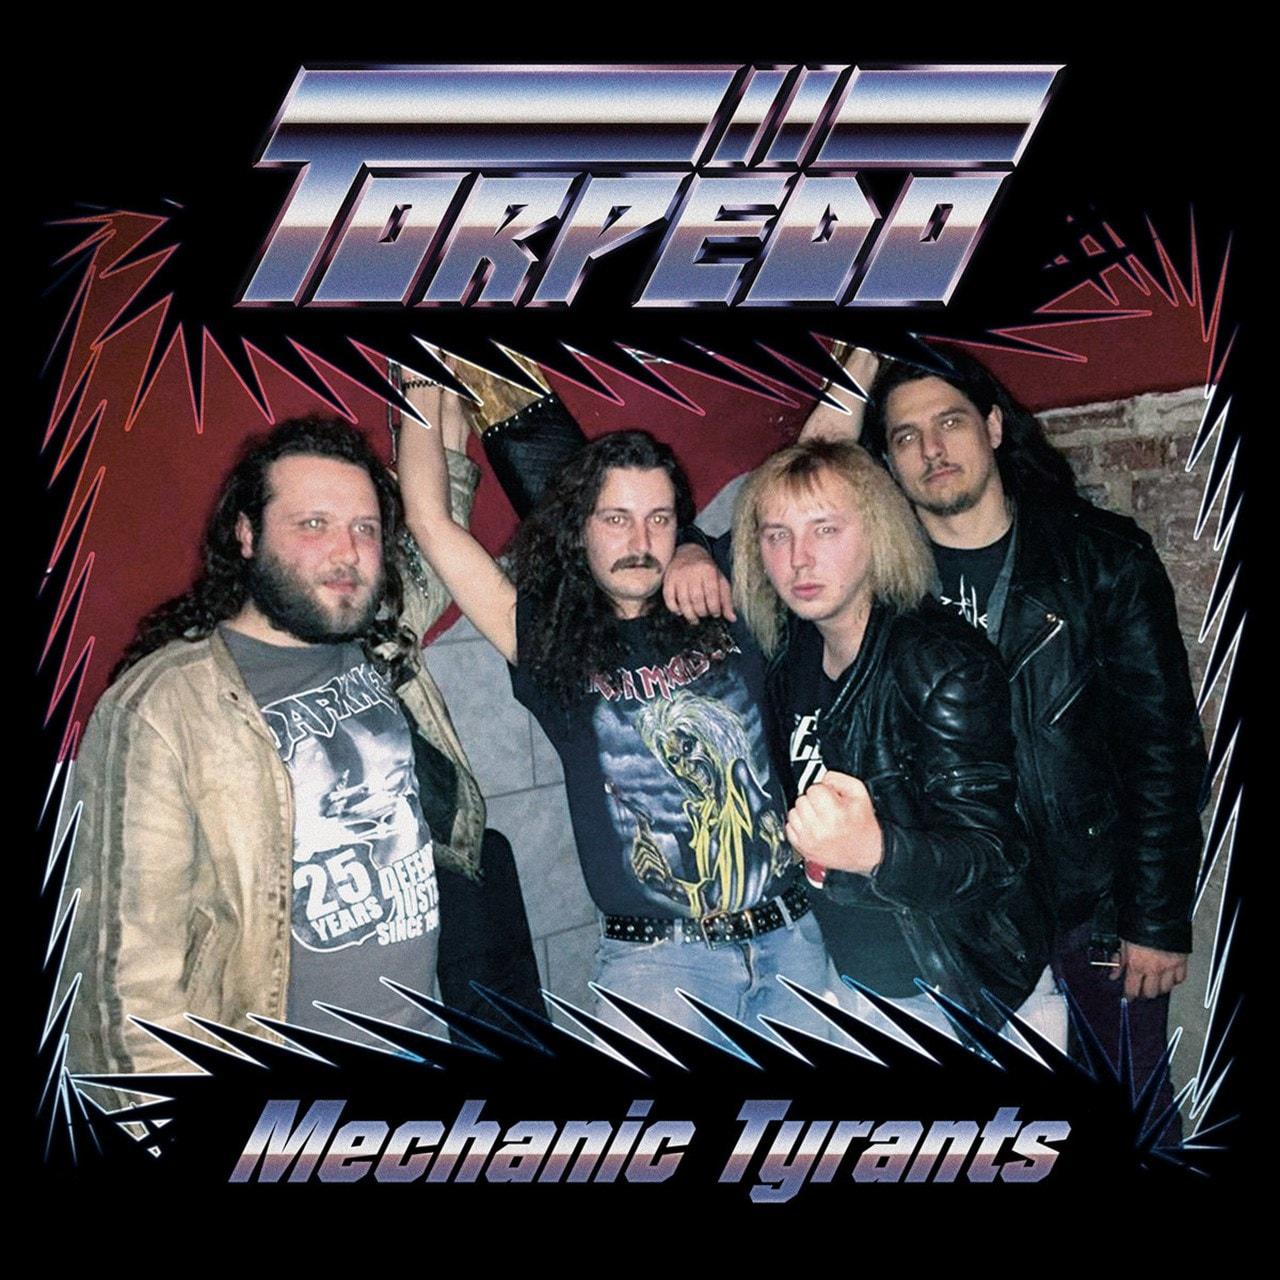 Mechanic Tyrants - 1